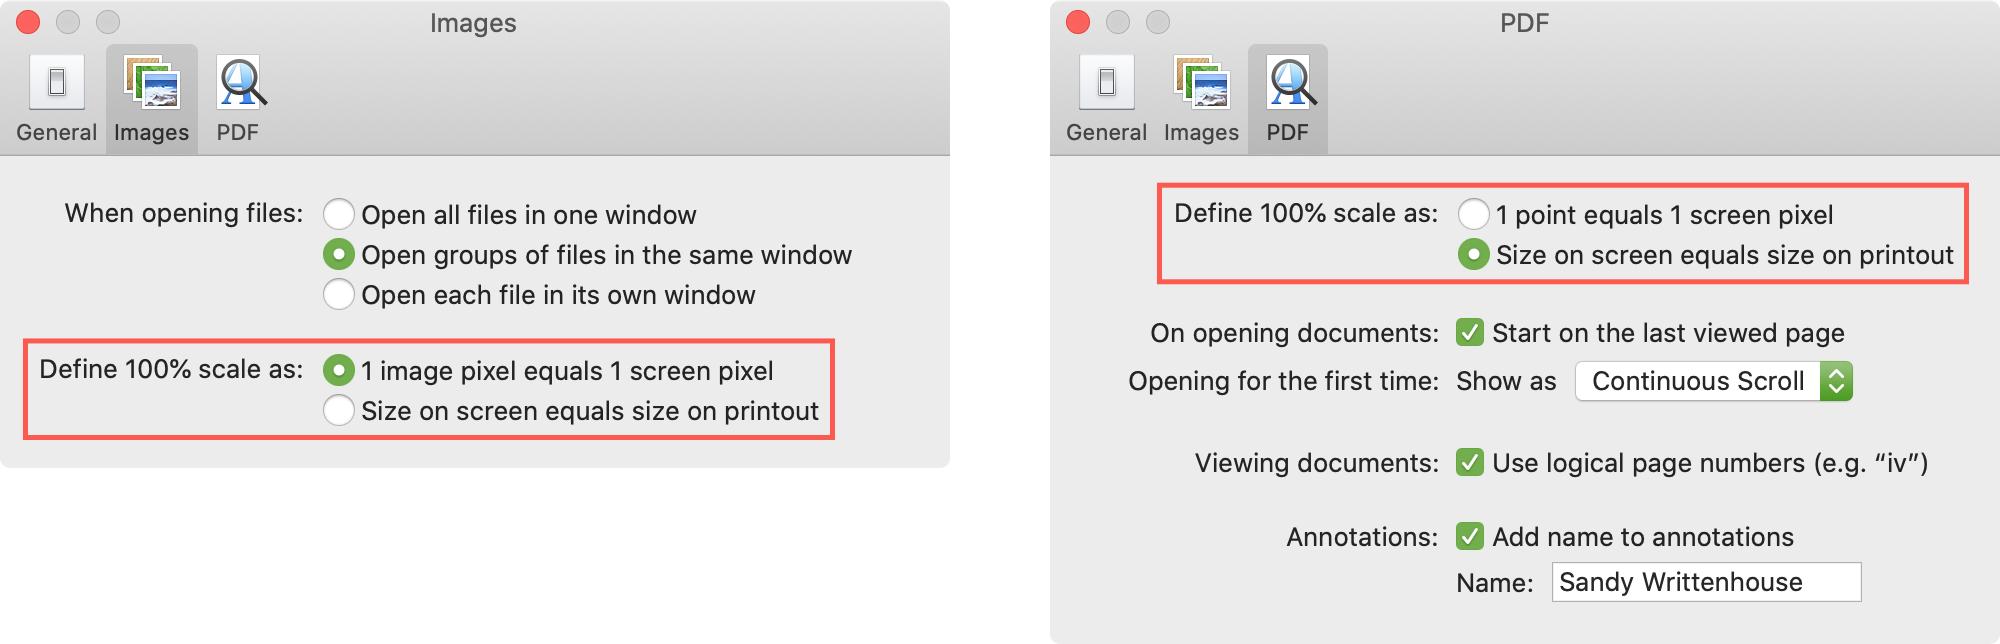 Preview Preferences Image PDF Sizes